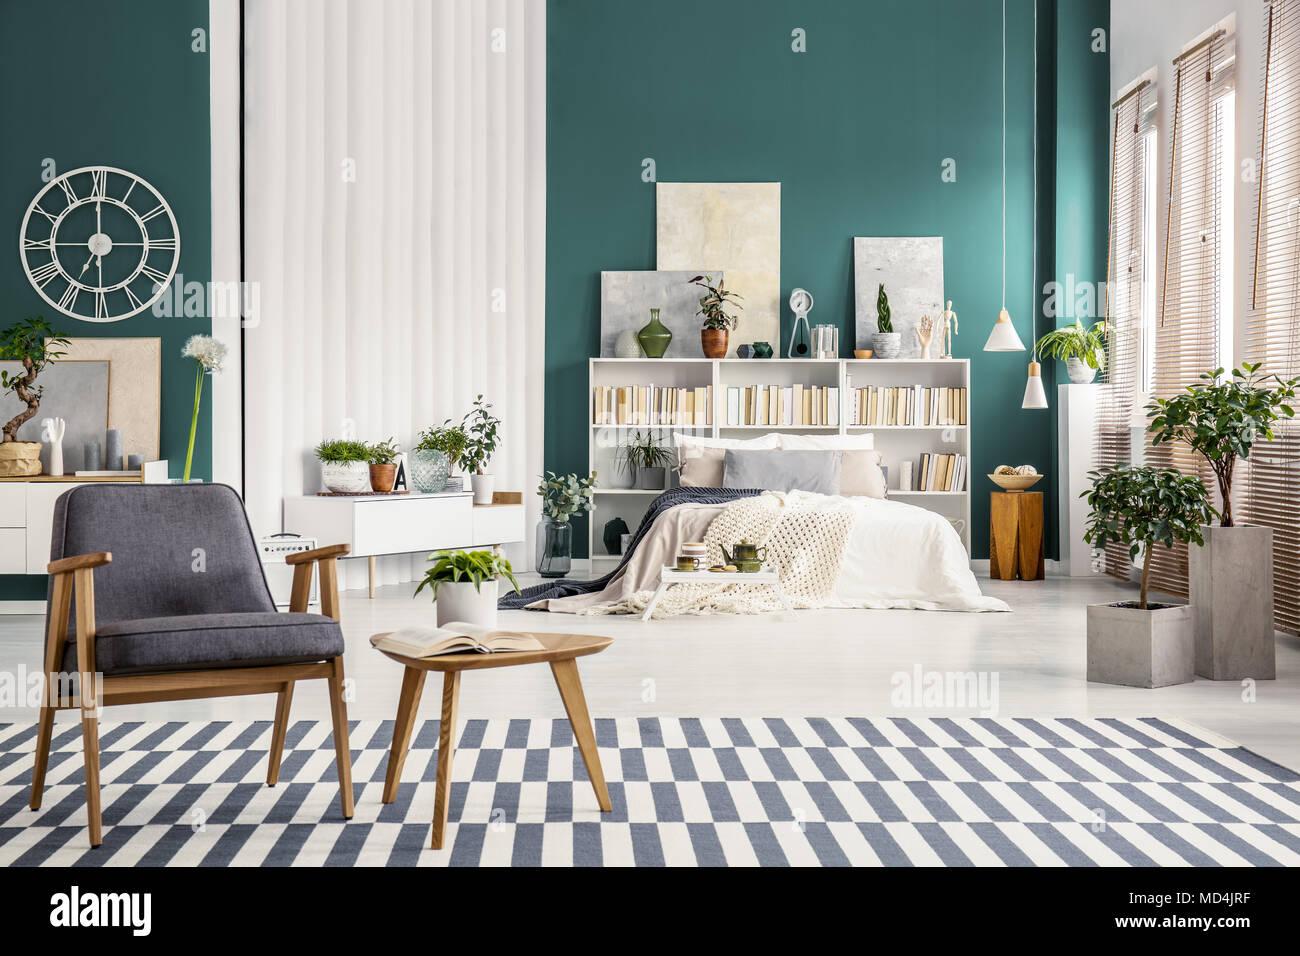 Letto bianco contro la parete verde e vintage, poltrona ...